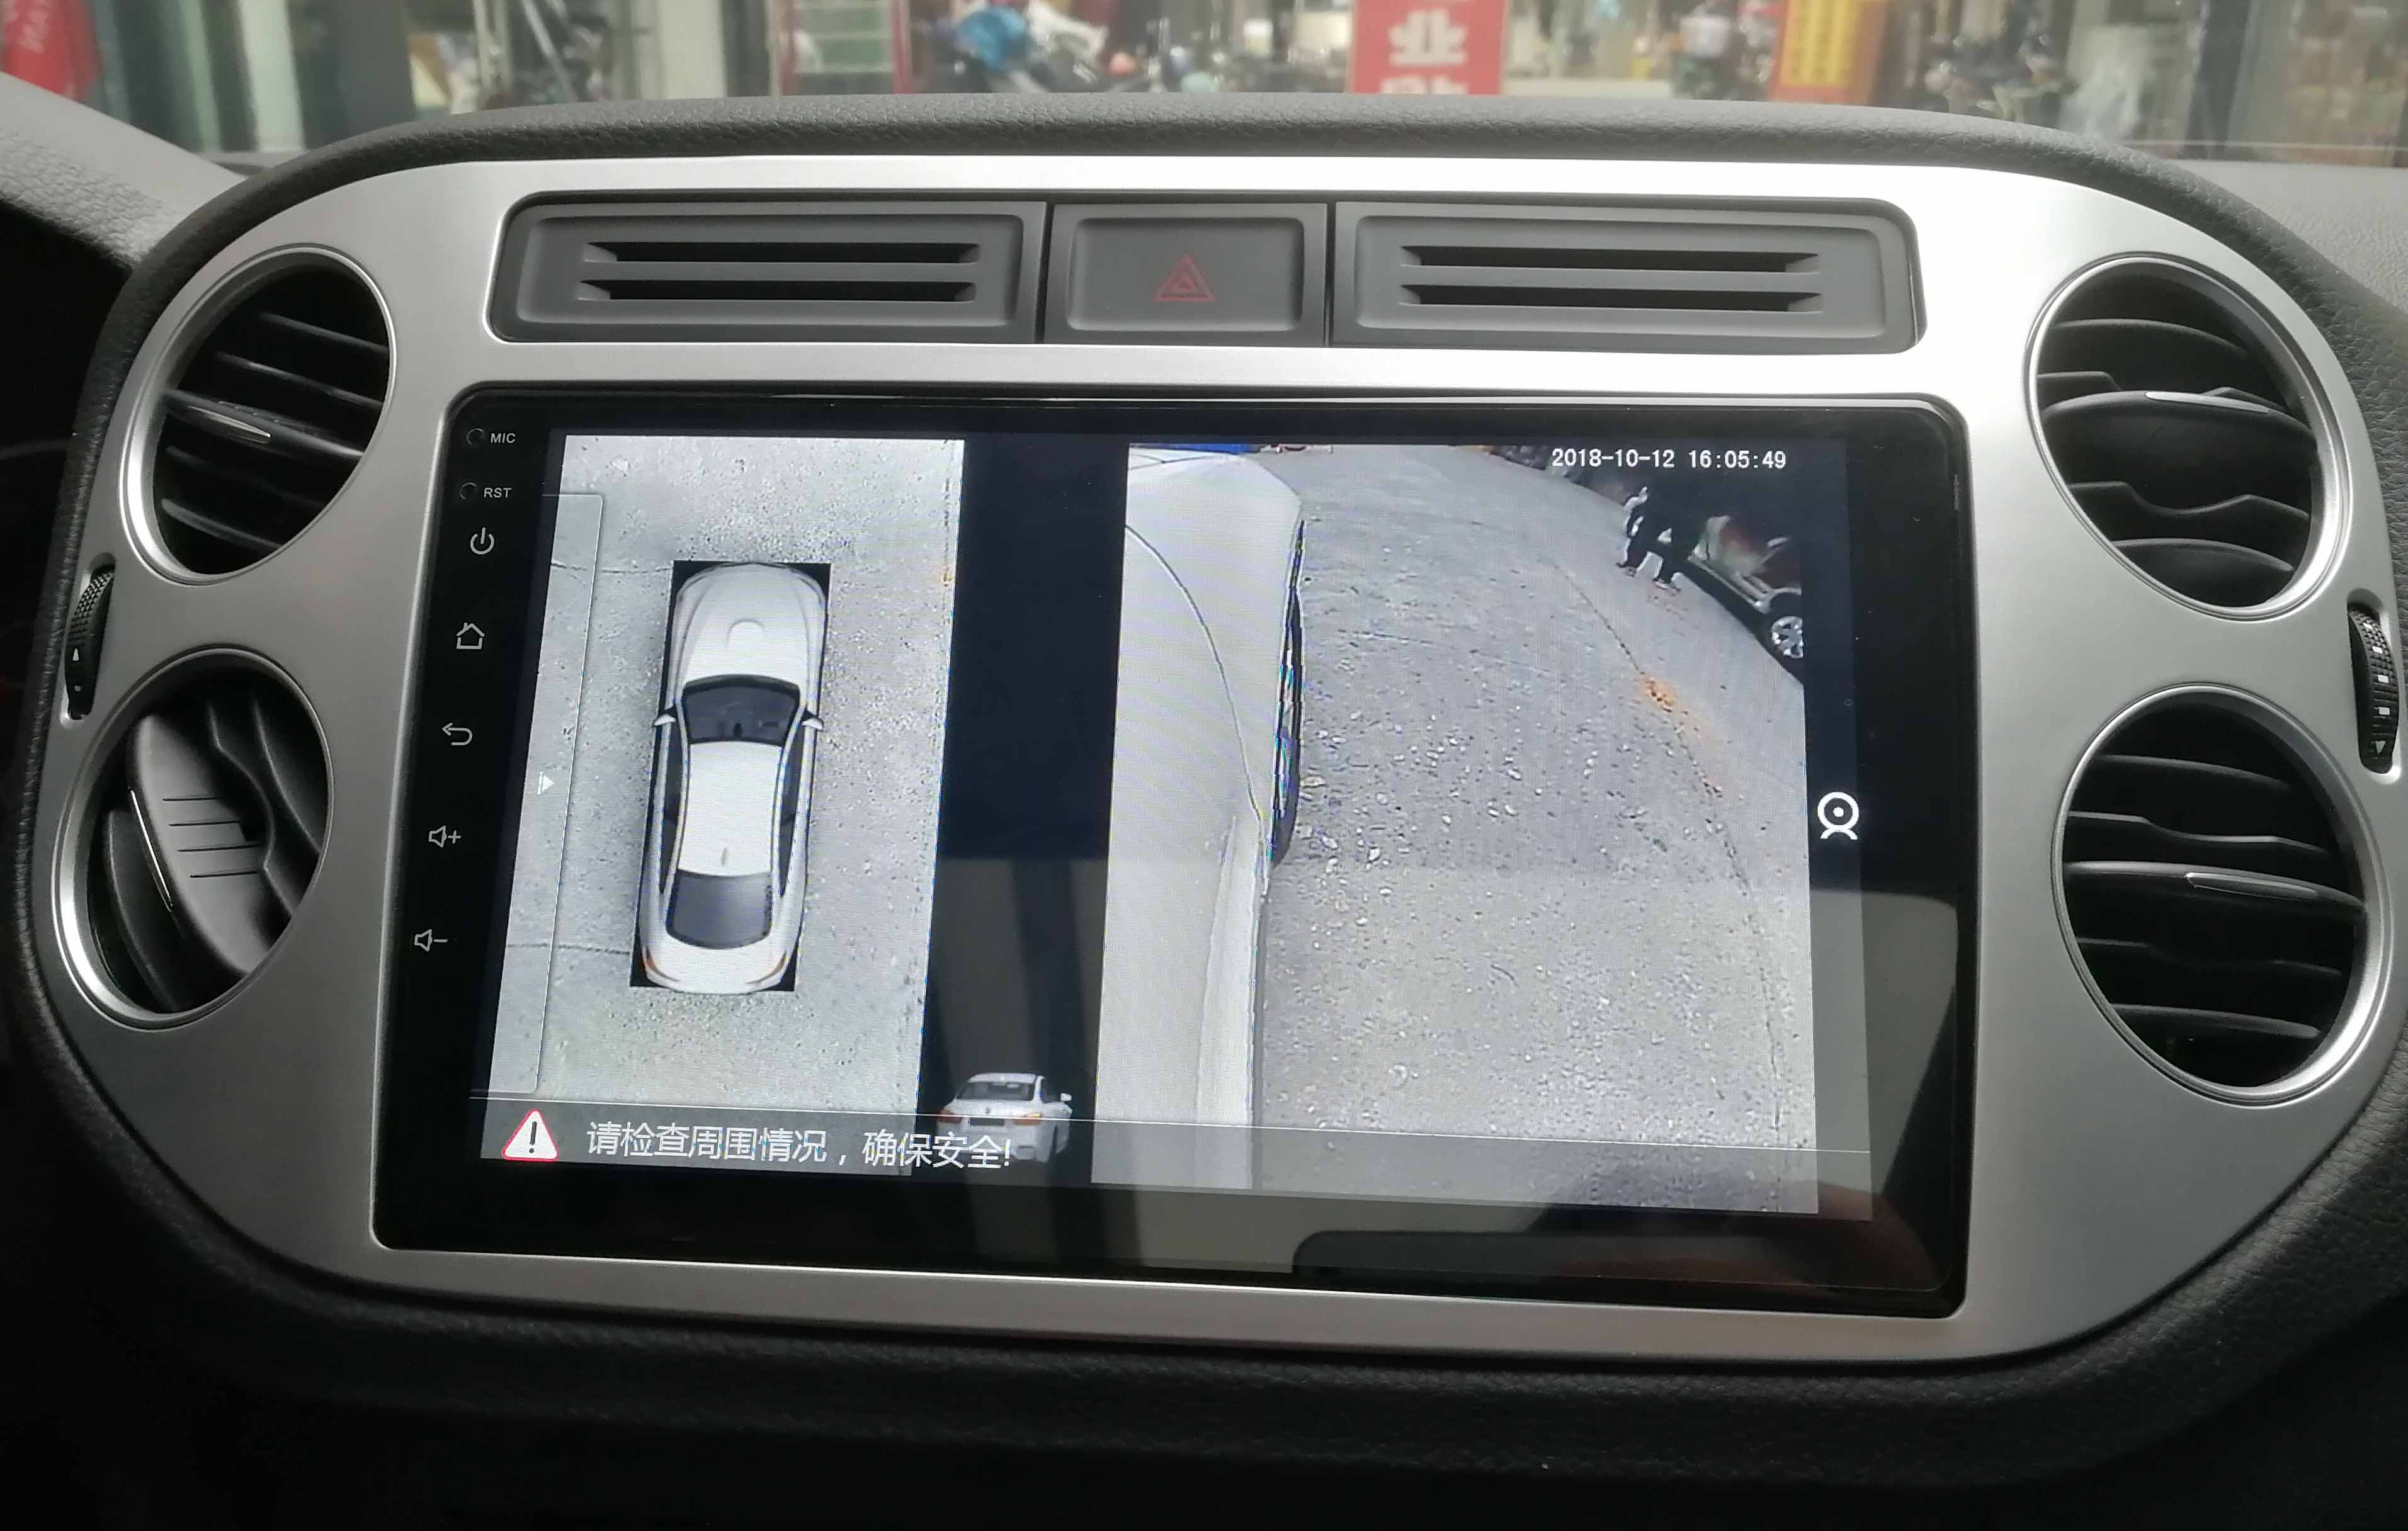 大眾途觀選擇3D-8000全景+AHD超清大屏完美搭配,感受極致體驗